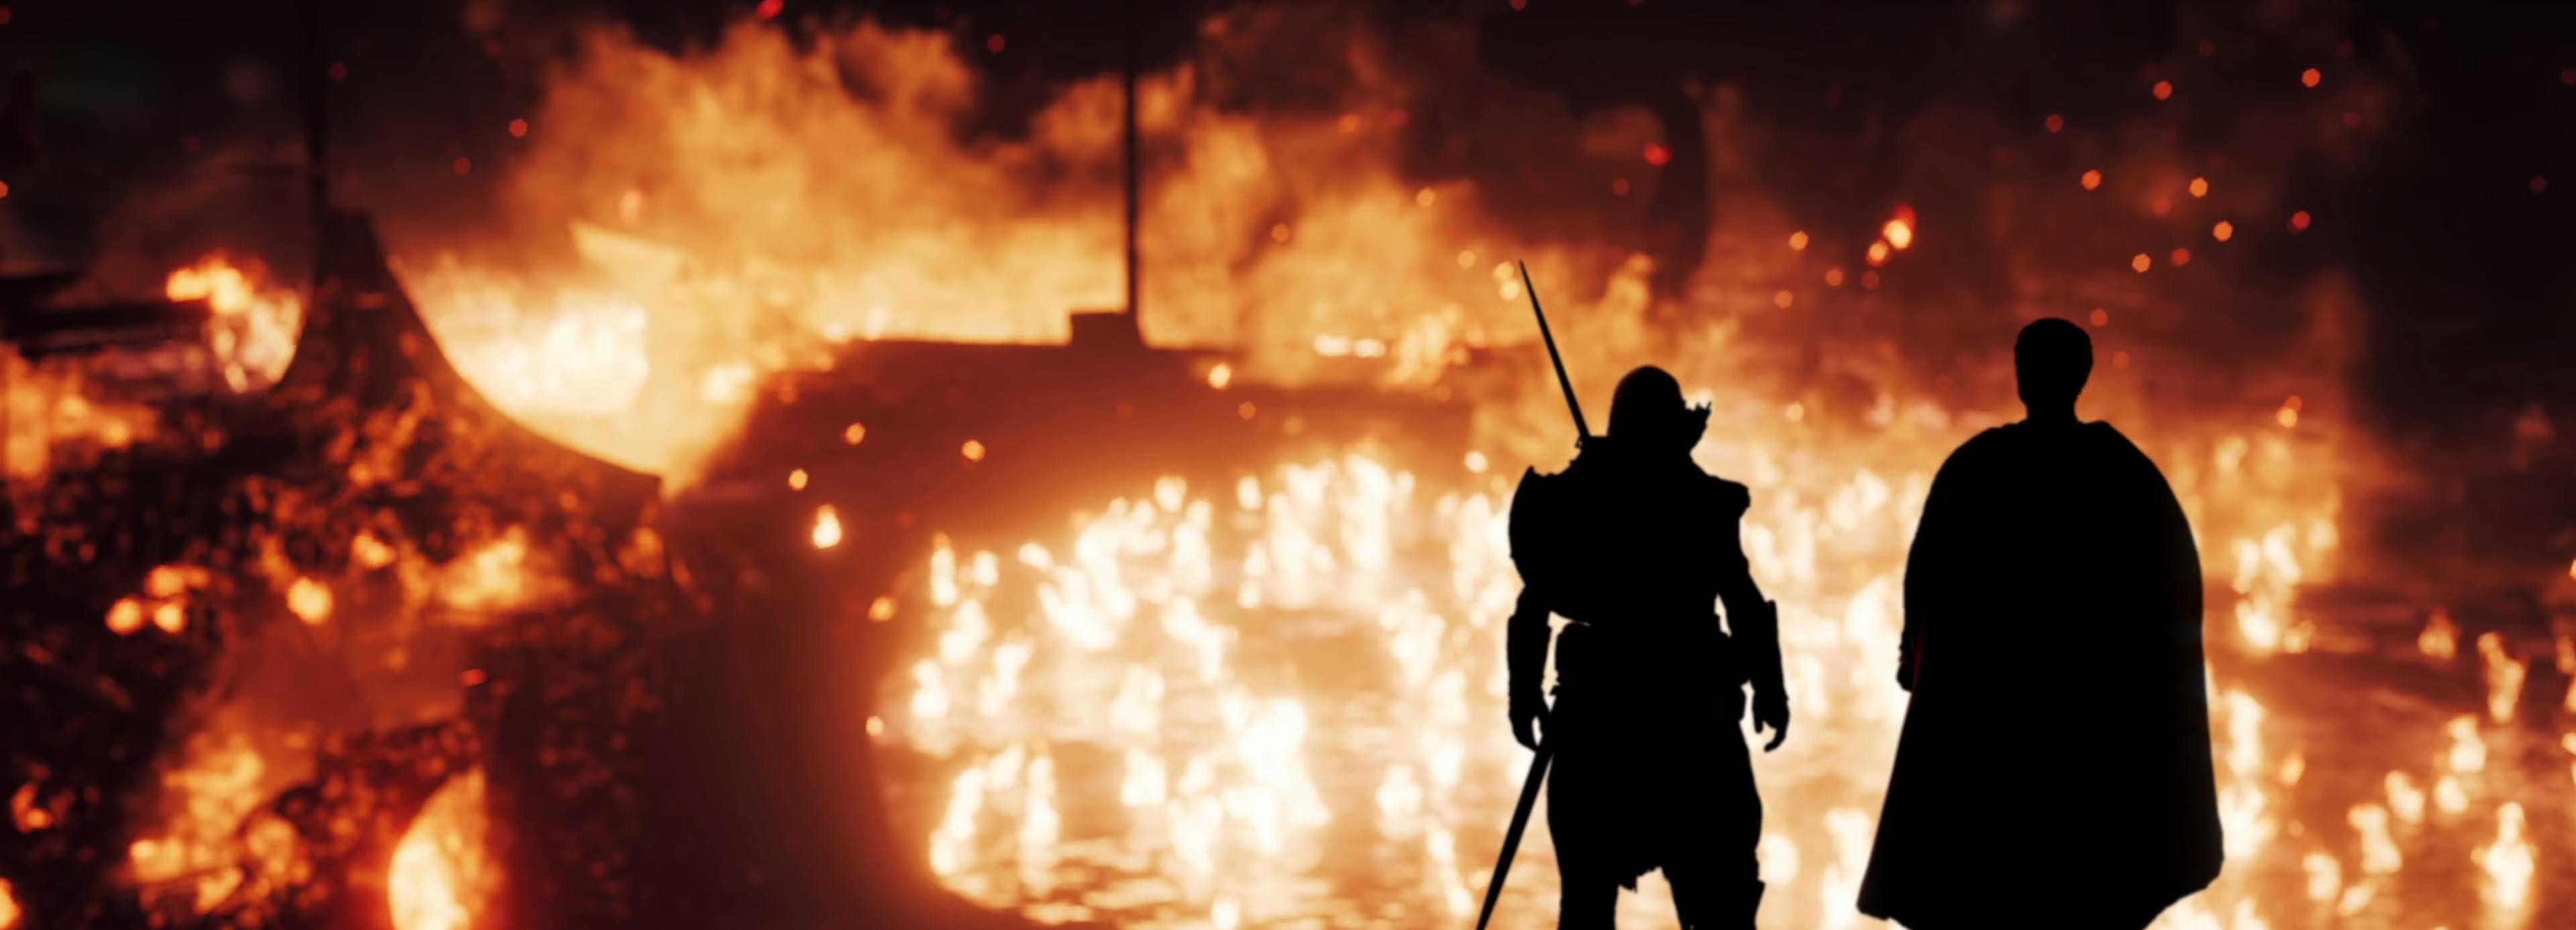 Alexandrine Civil War